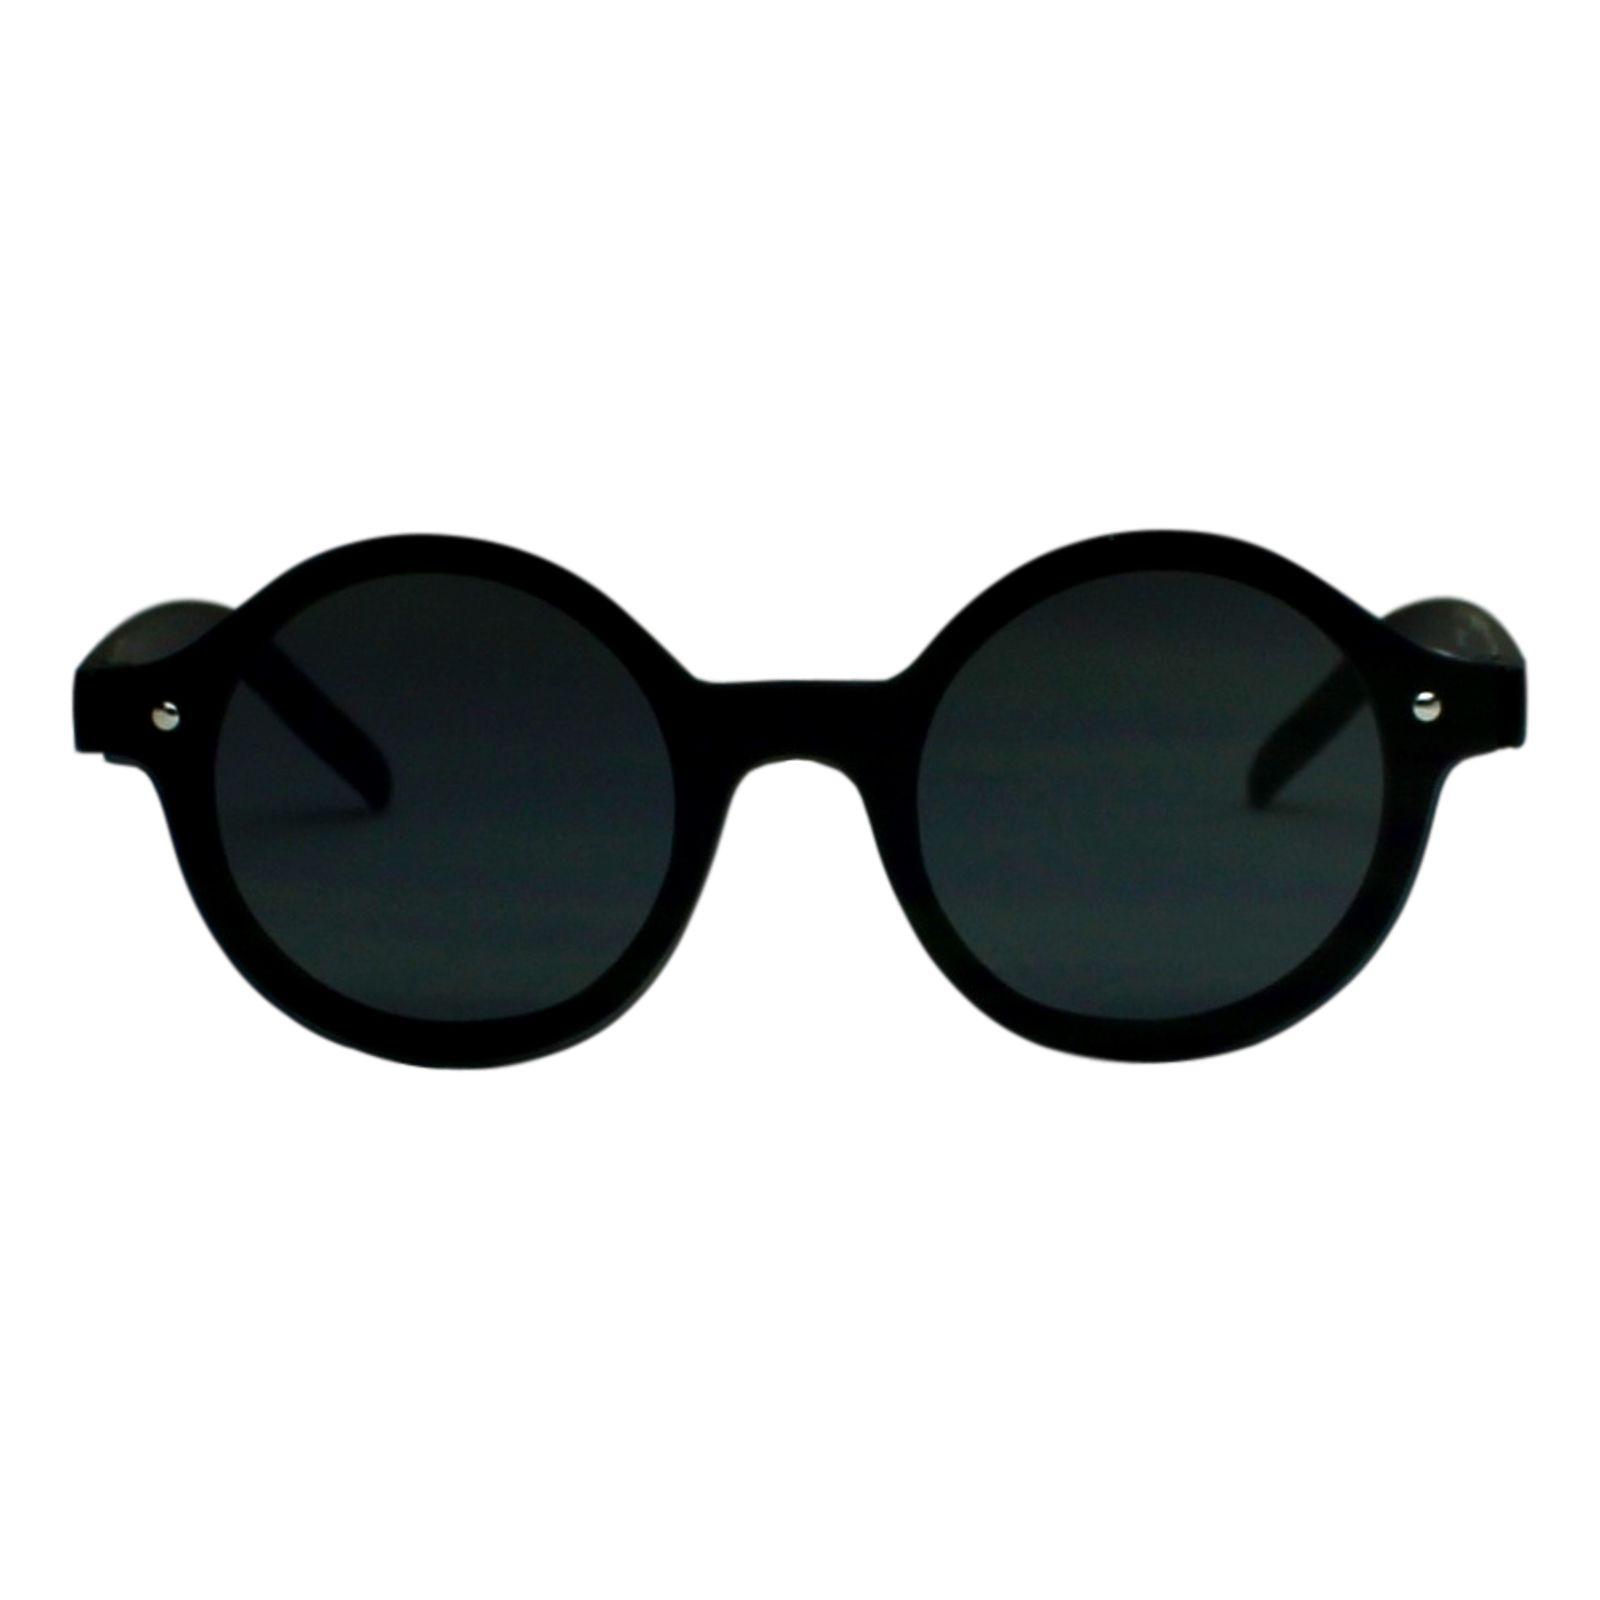 Óculos de Sol Díspar ID1898 infantil idade 6 a 9 anos Preto